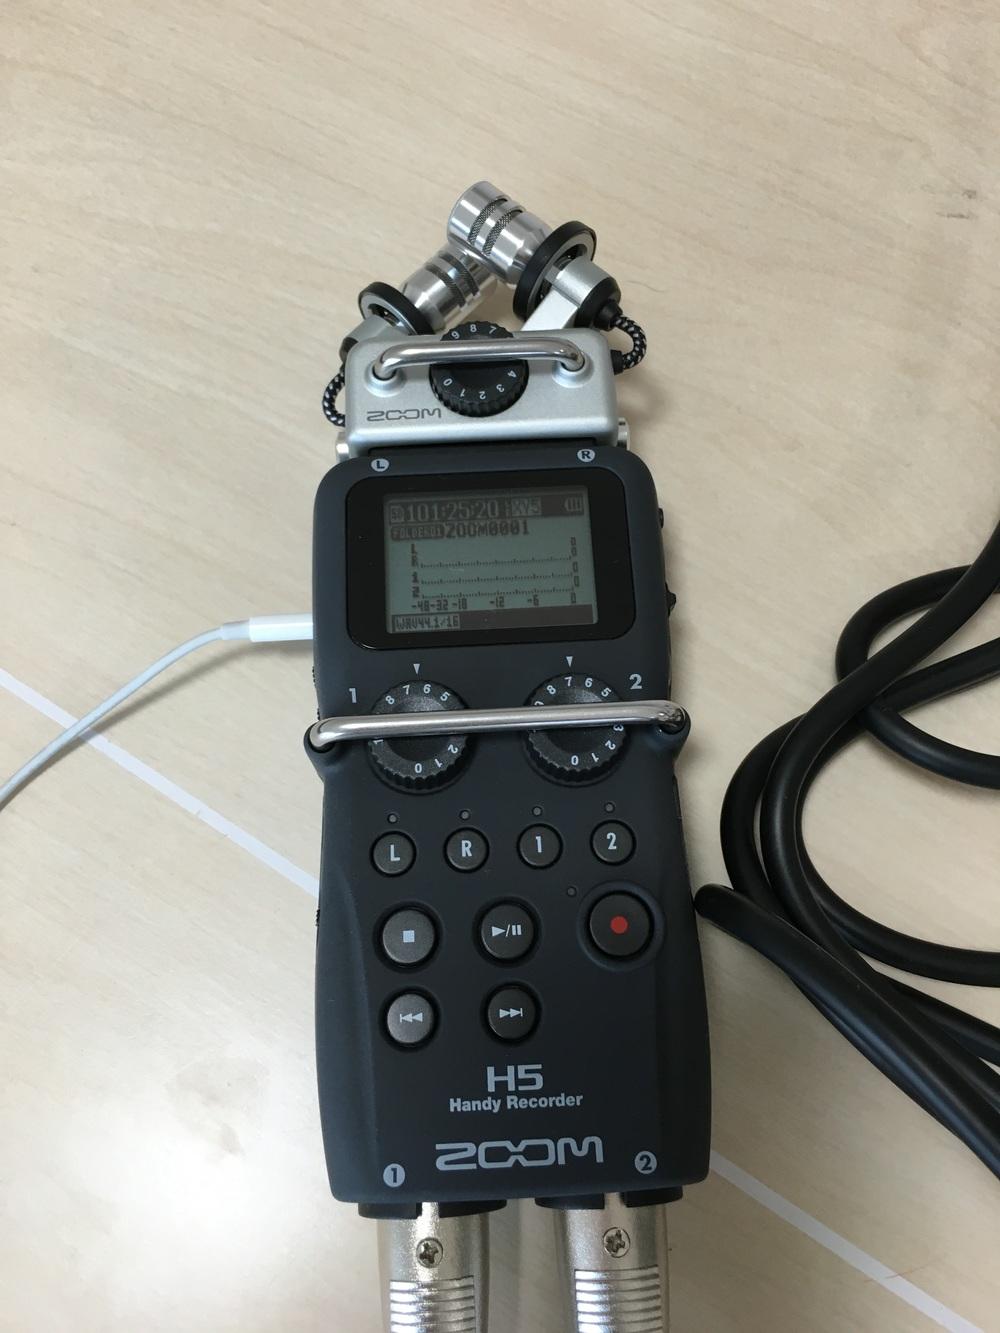 録音はZOOM H5 ハンディレコーダーで。